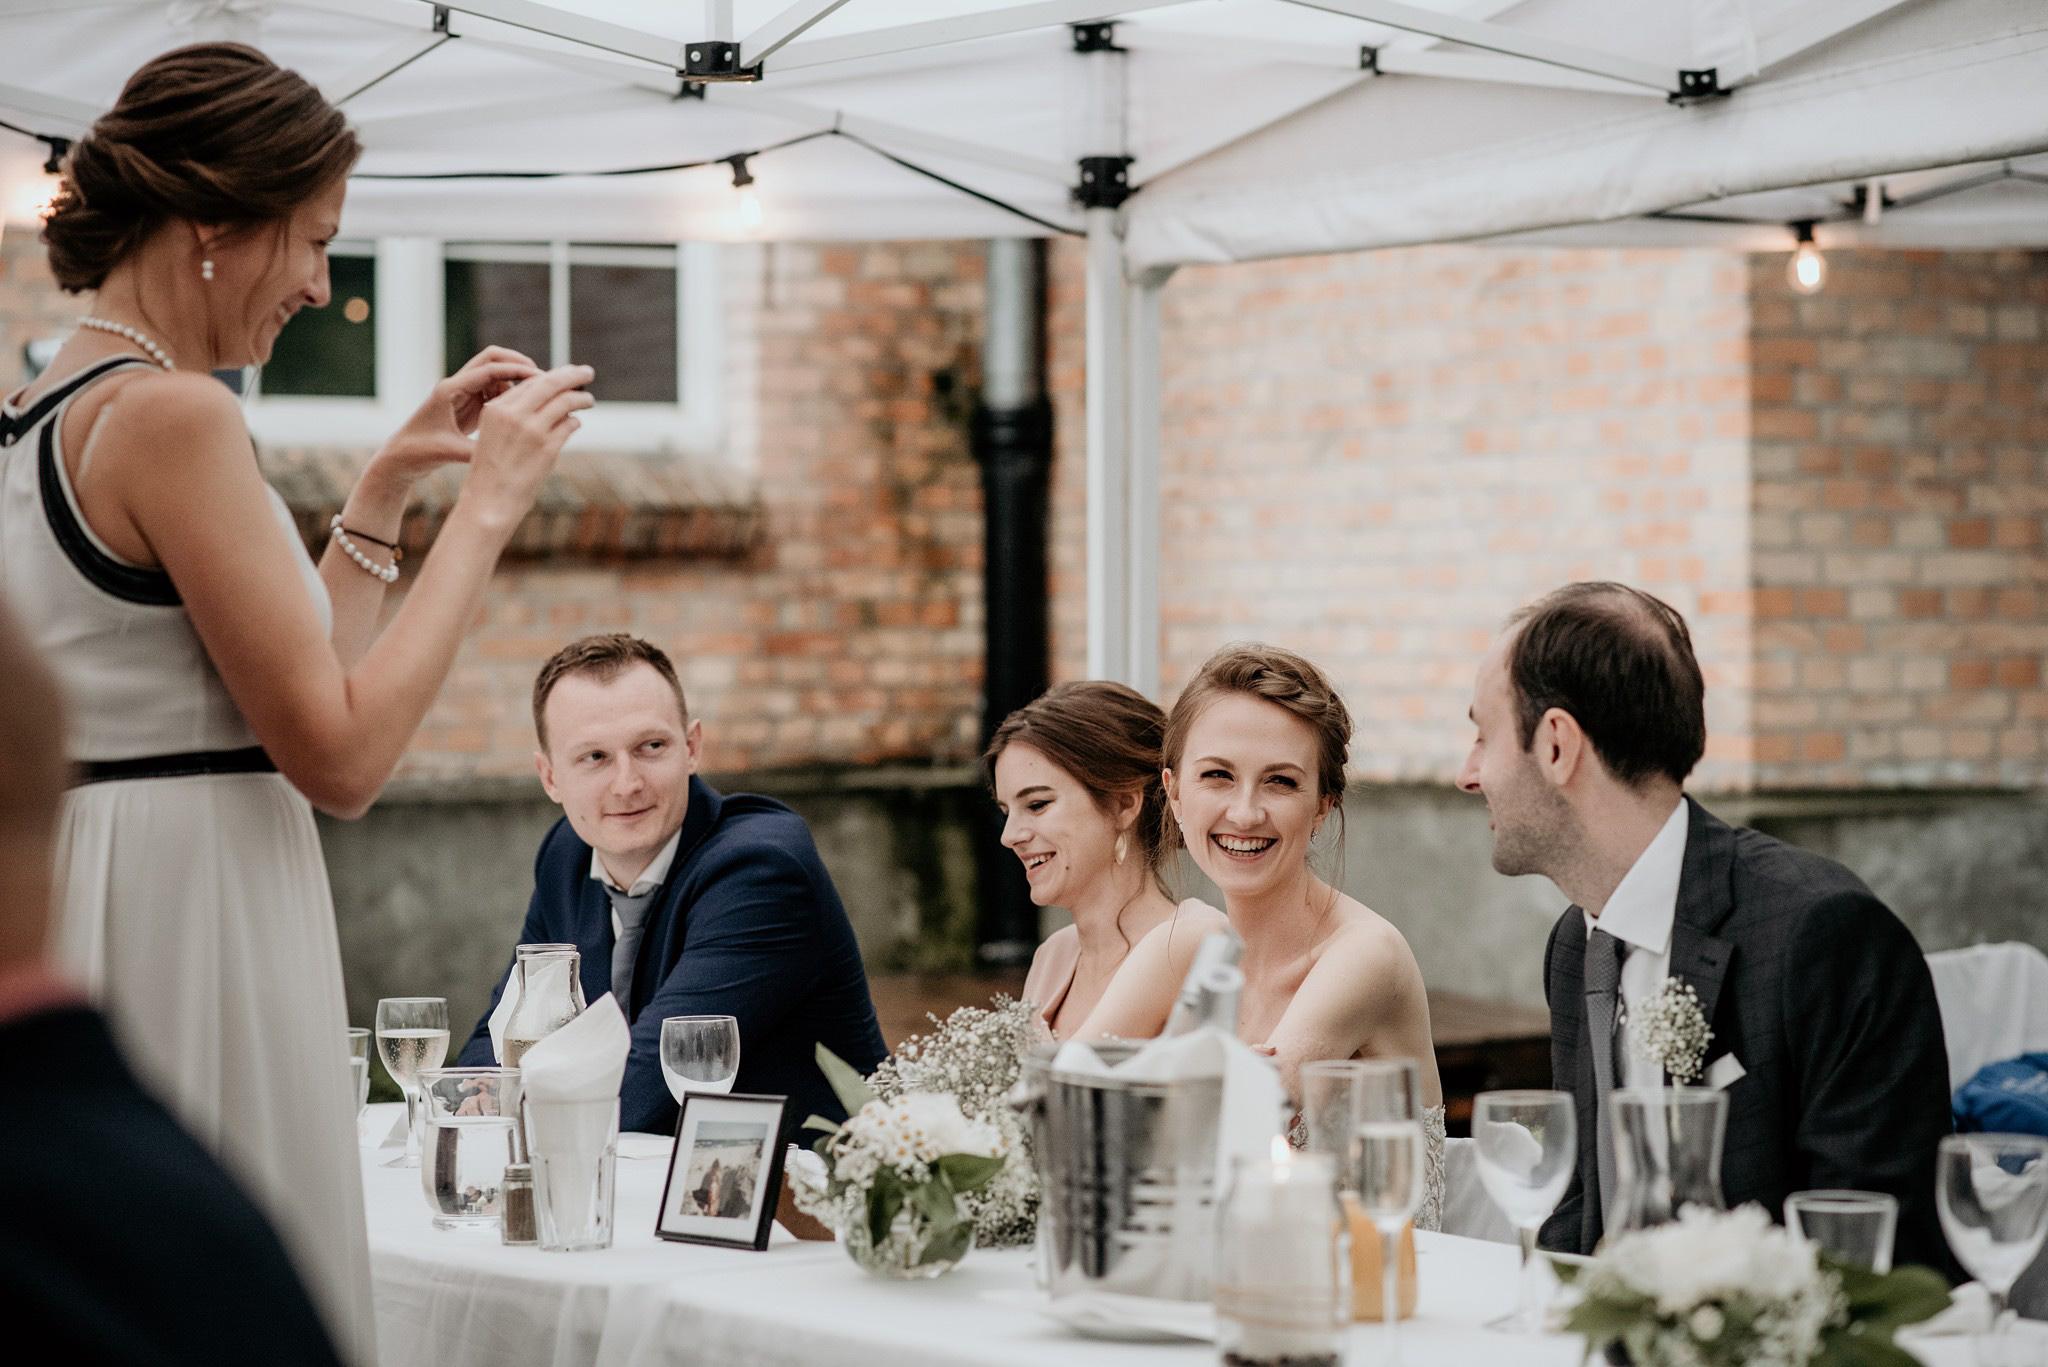 najlepsze miejsce na wesele w plenerze